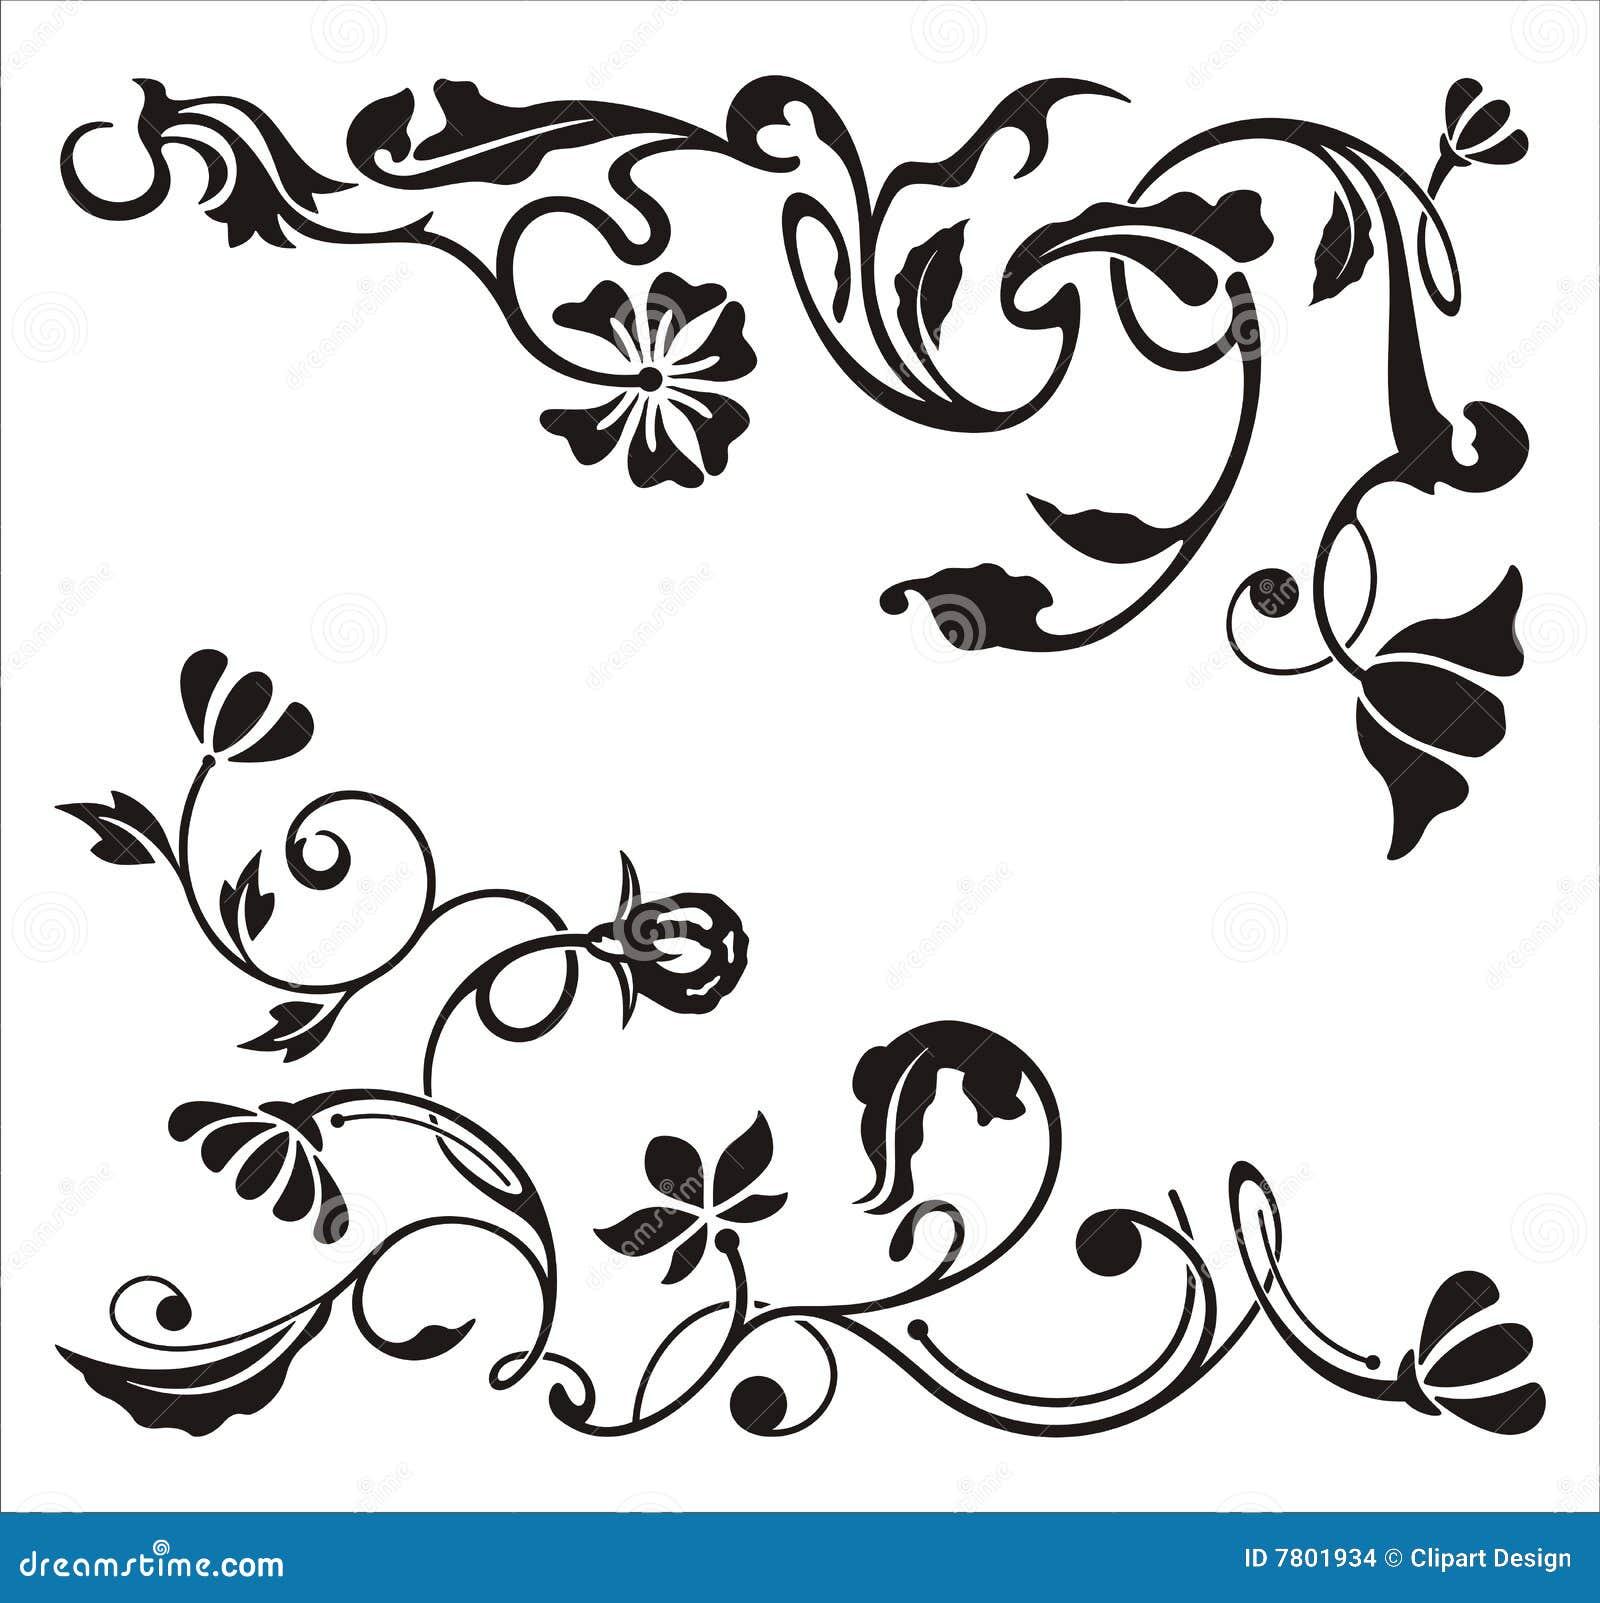 Dise os ornamentales de la esquina imagenes de archivo - Fotos de disenos ...